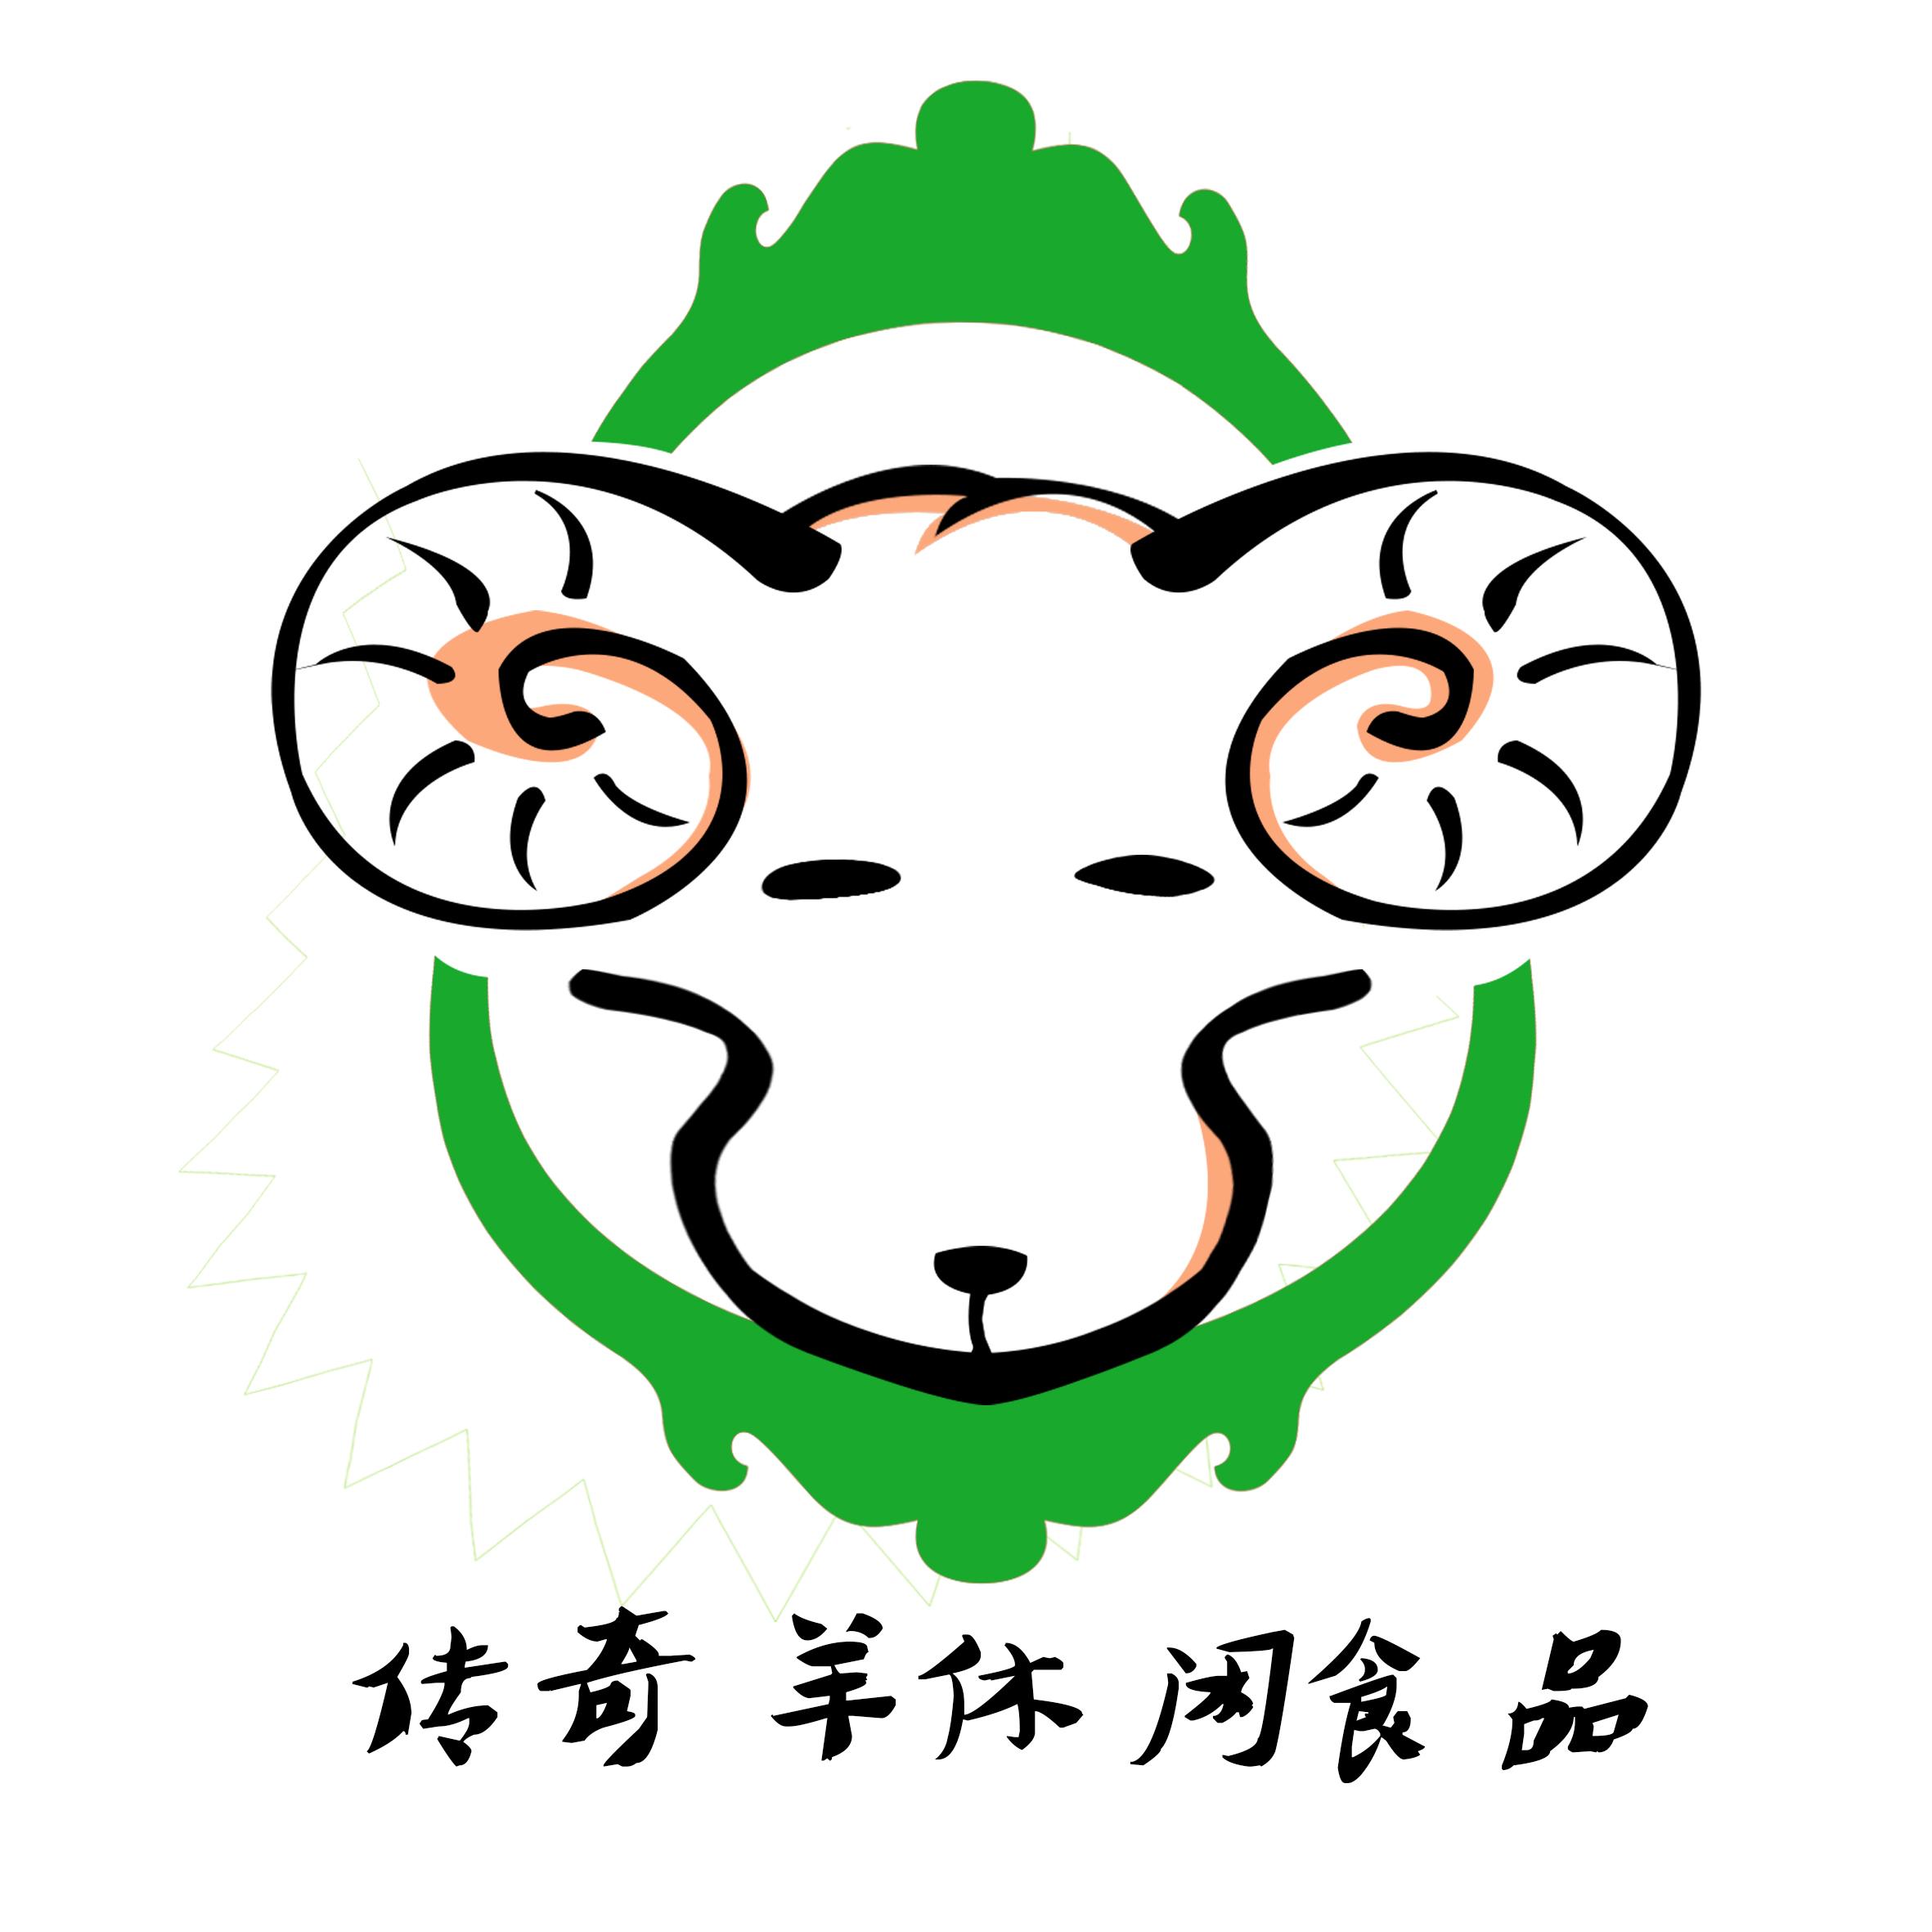 传奇羊休闲食品logo设计图片